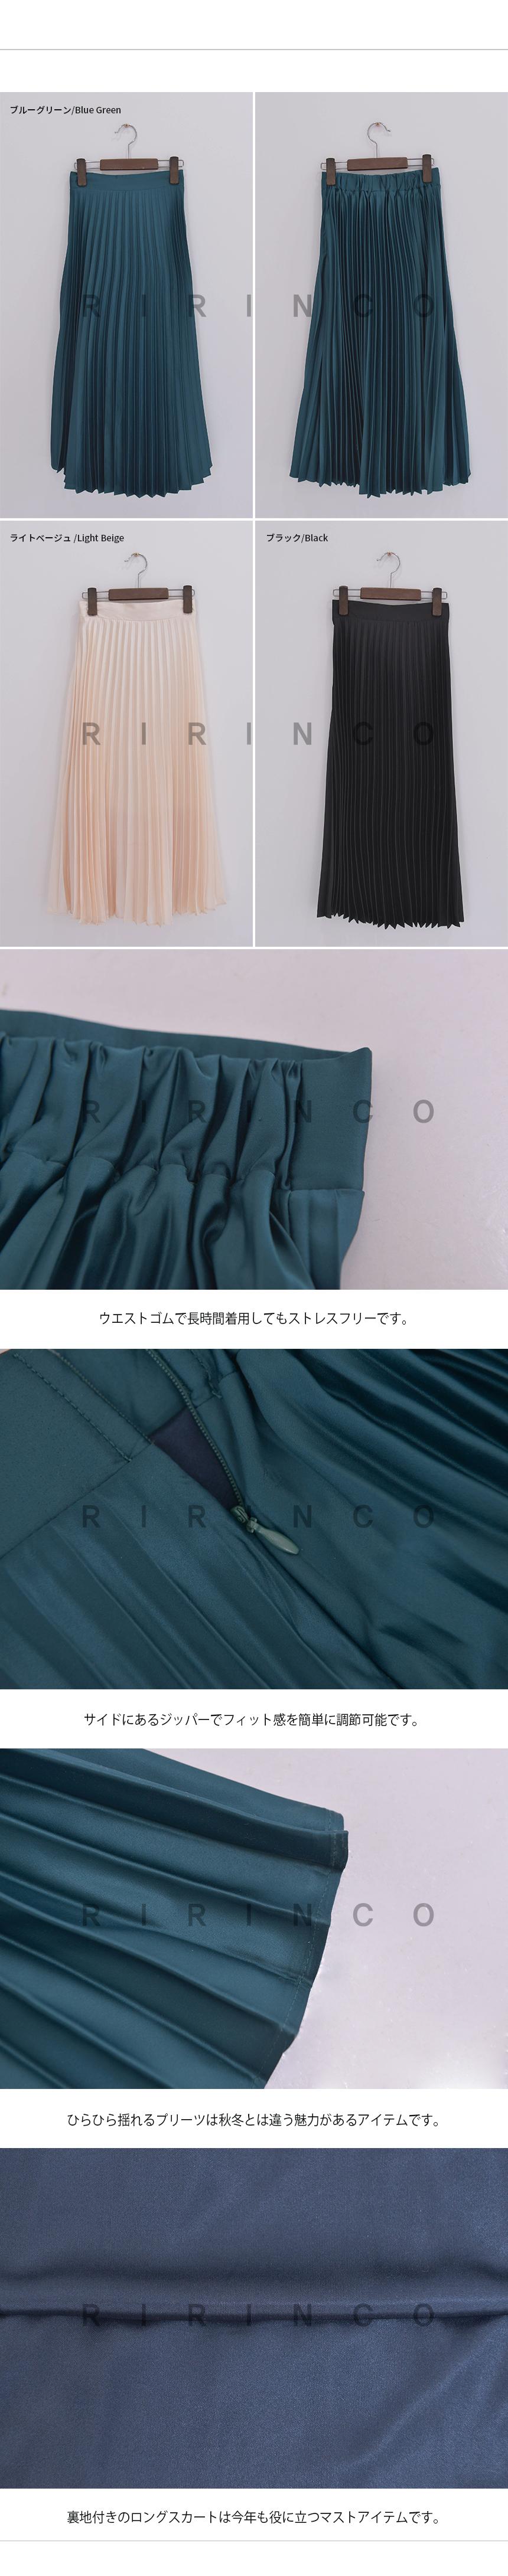 RIRINCO プリーツサテンスカート